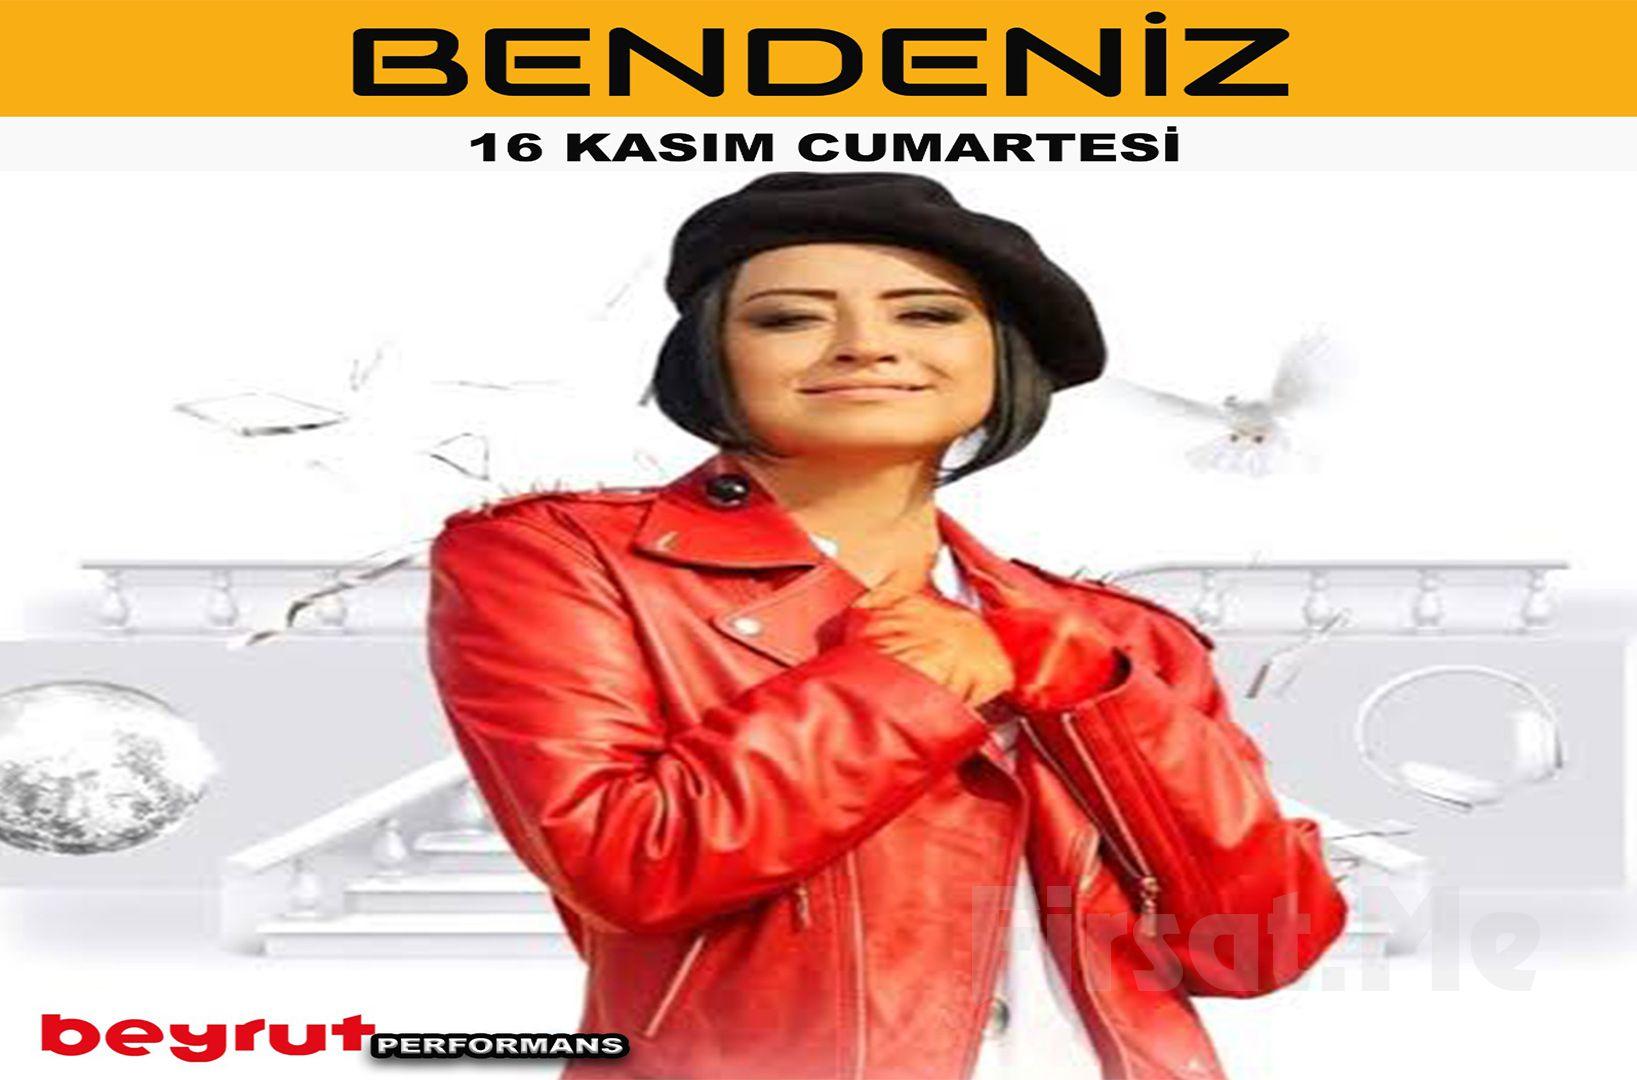 Bendeniz , 16 Kasım 2019 Beyrut Performans Sahnesi'nde